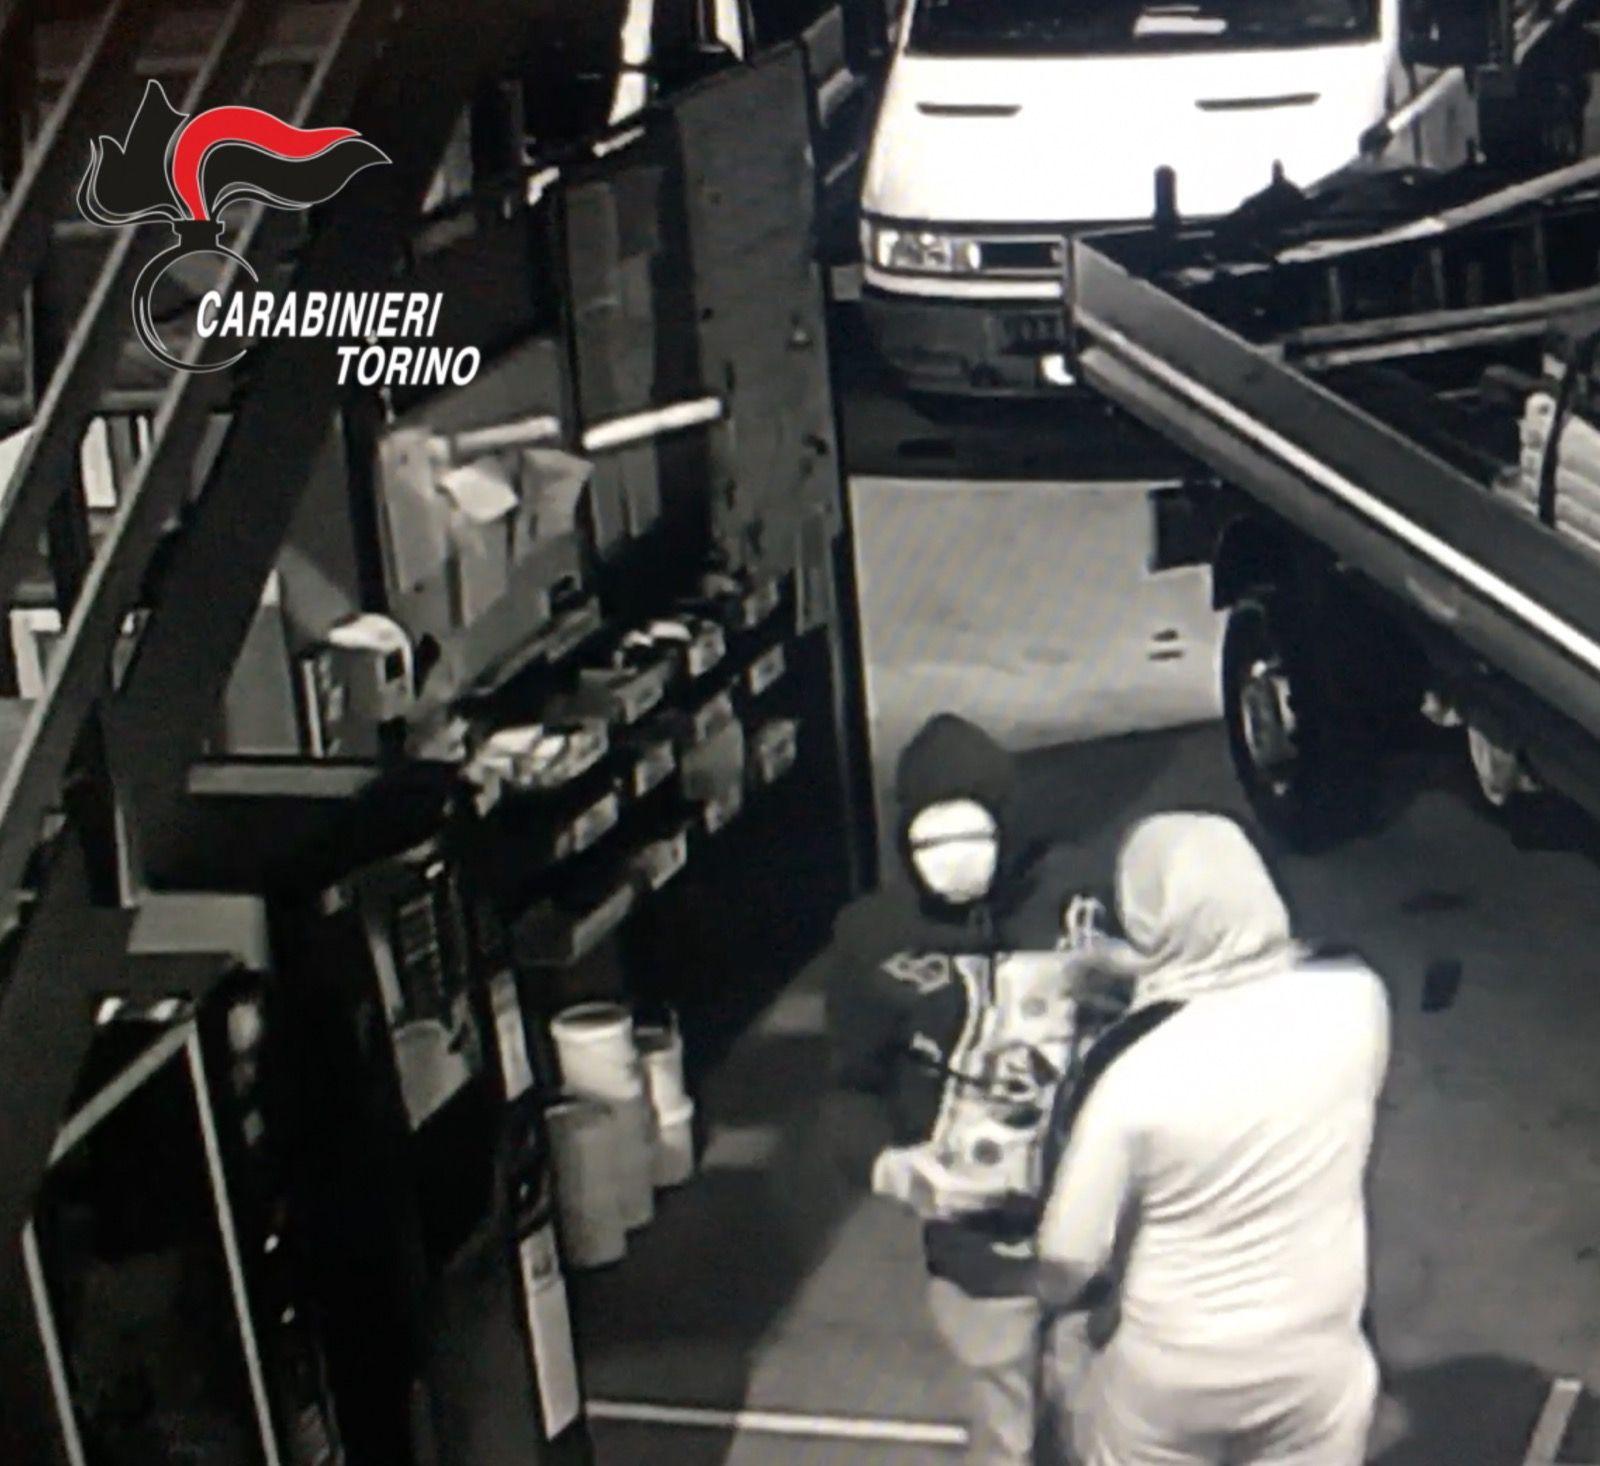 MONCALIERI - Presa la banda che depredava aziende e tir: rubati anche venti quintali di dolci - VIDEO